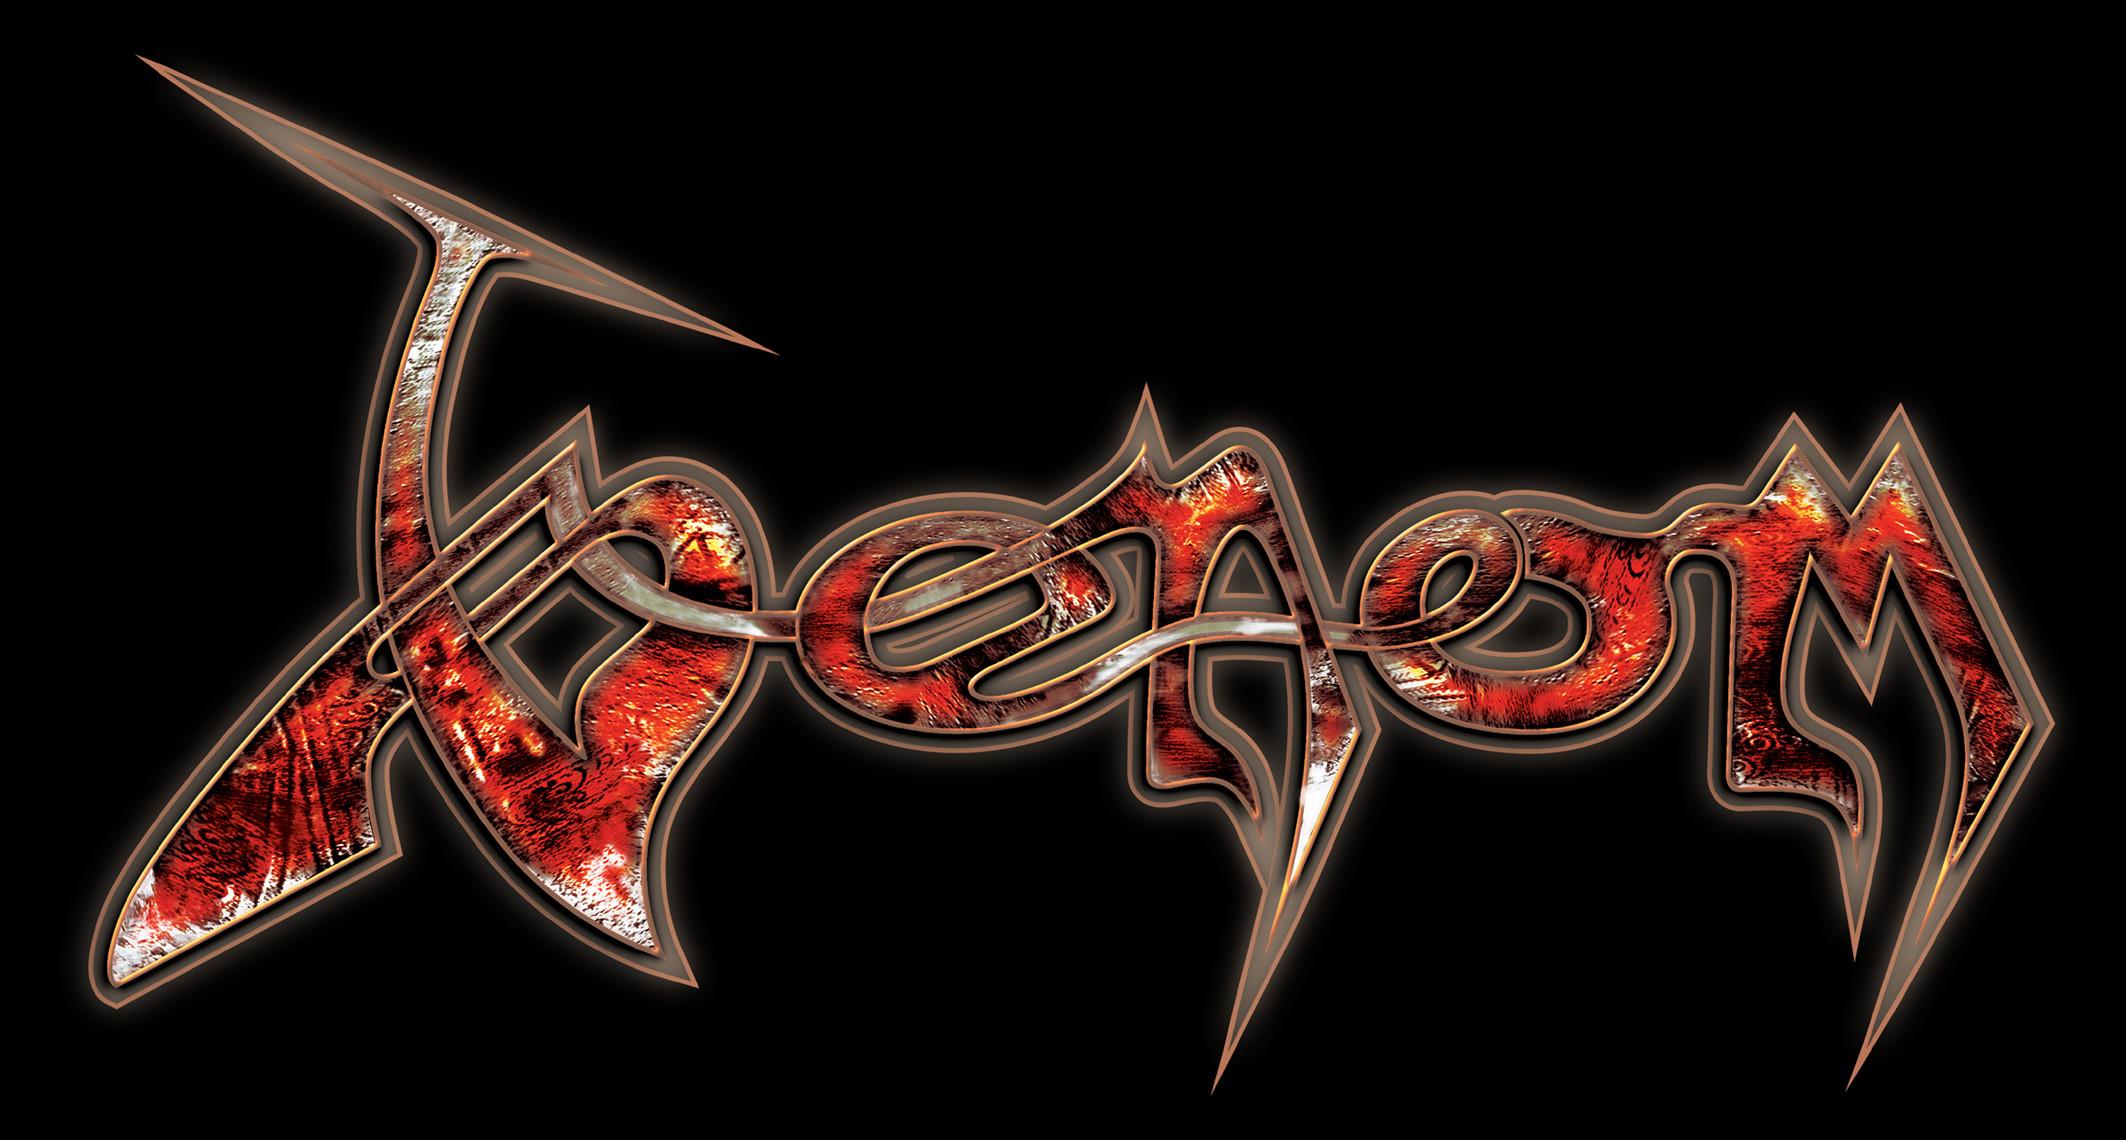 Venom band hd wallpaper 60 images venom logos page resultado de imagem para heavy metal wallpaper hd voltagebd Image collections